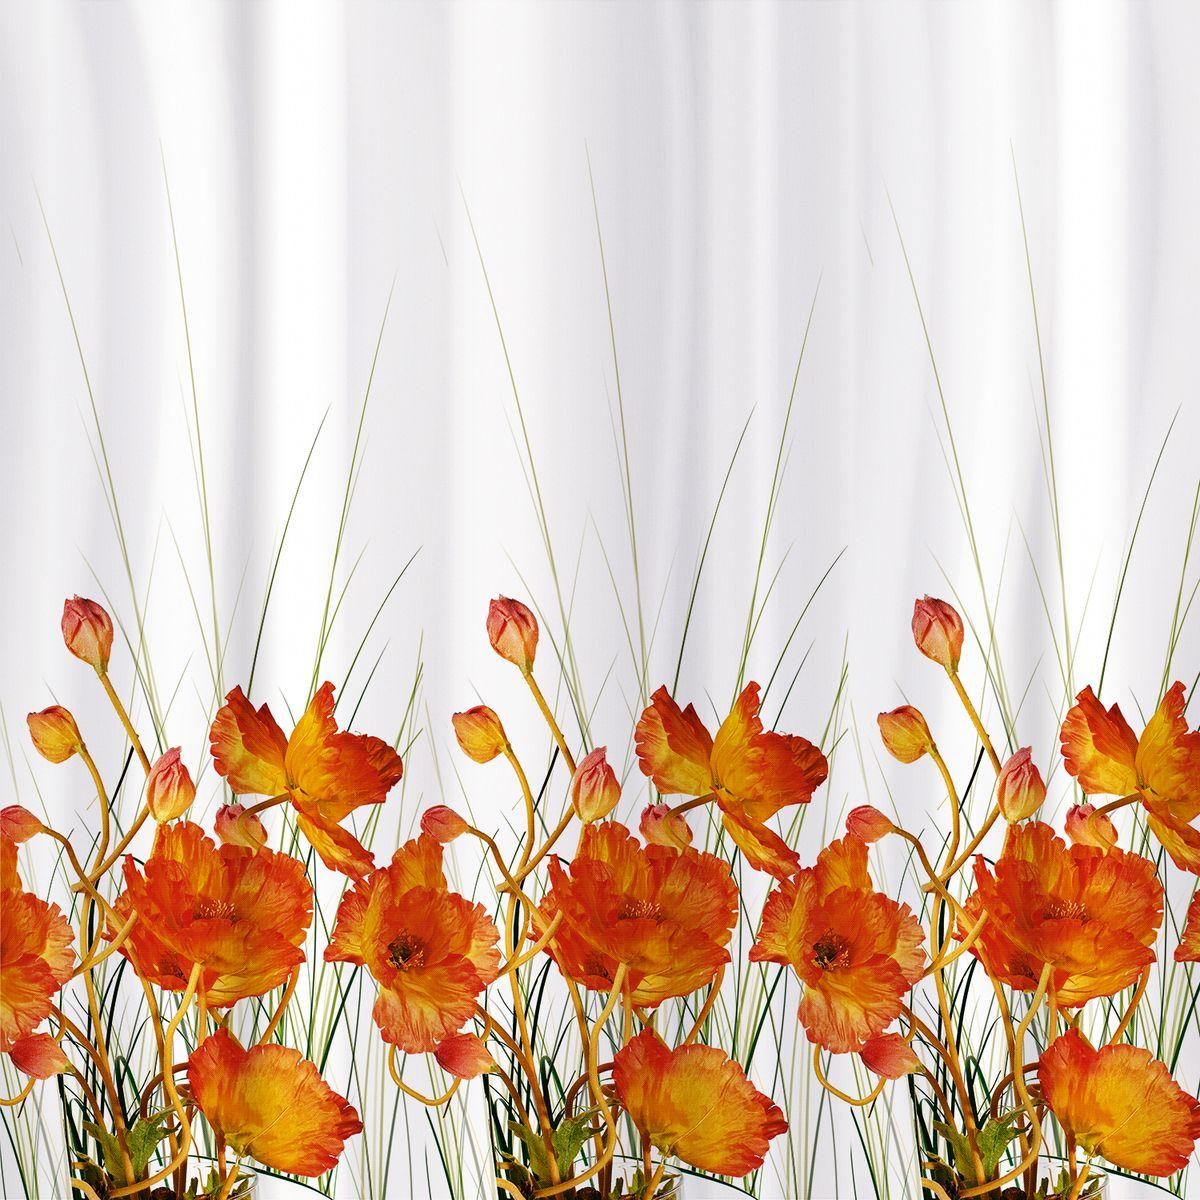 Штора для ванной Tatkraft French Poppies Textile, цвет: белый, оранжевый, 180 х 180 см68/5/3Штора для ванной Tatkraft French Poppies Textile имеет специальную водоотталкивающую пропитку и антигрибковое покрытие. Штора быстро сохнет, легко моется и обладает повышенной износостойкостью. Штора оснащена магнитами-утяжелителями для лучшей фиксации. Мягкая и приятная на ощупь штора для ванной Tatkraft порадует вас своим ярким дизайном и добавит уюта в ванную комнату.